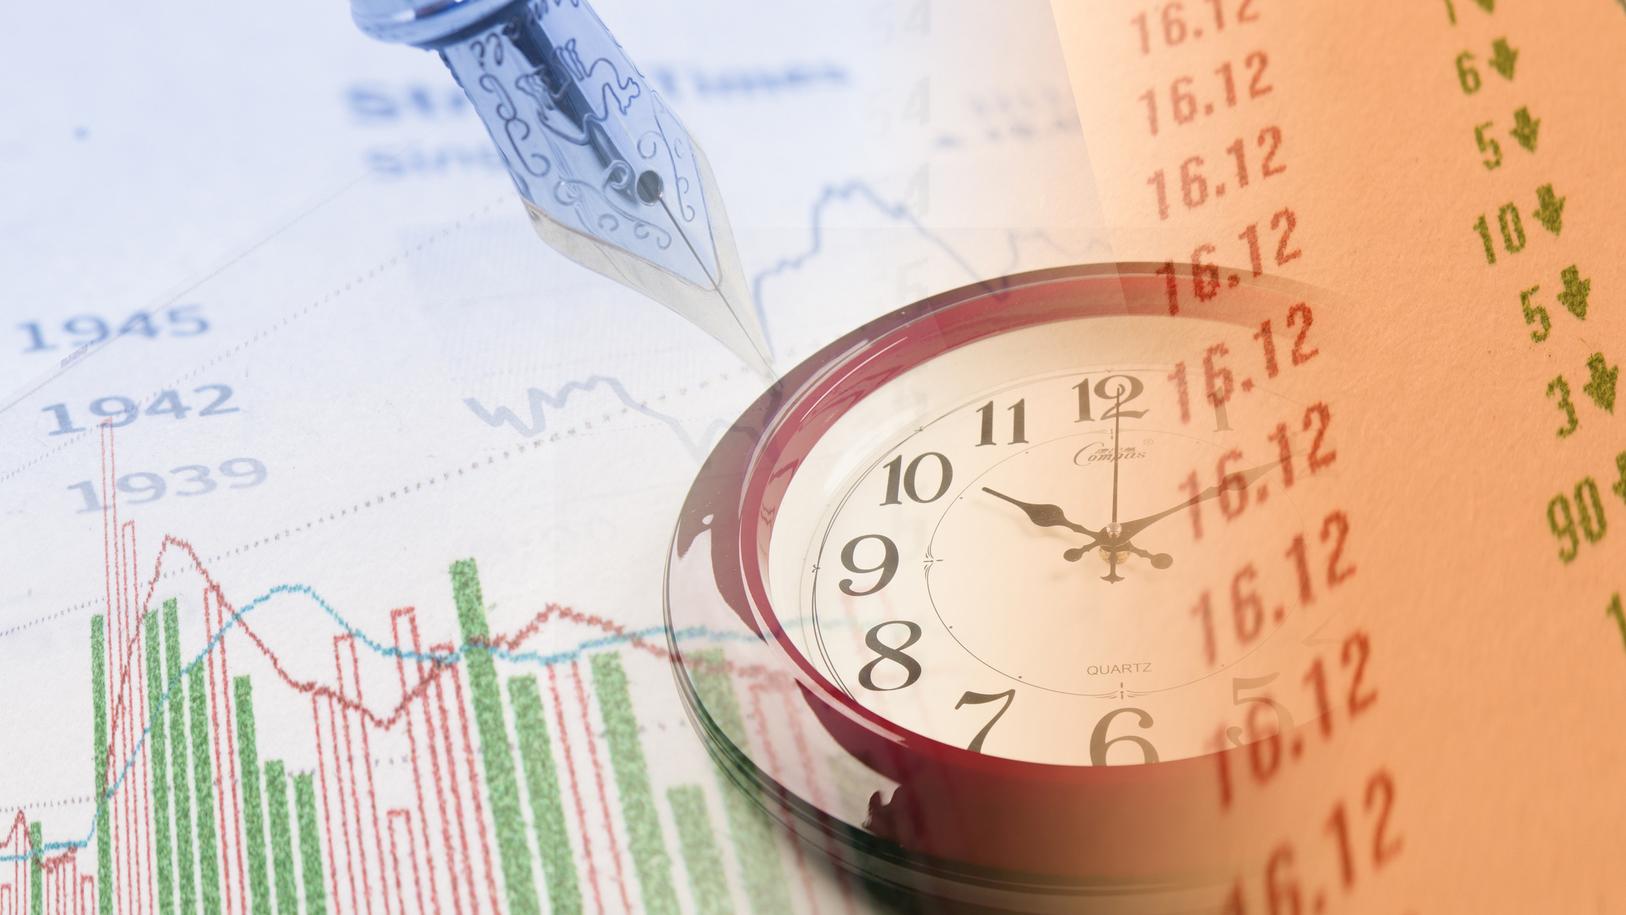 三板内资源整合启动 优势企业将拉动市场